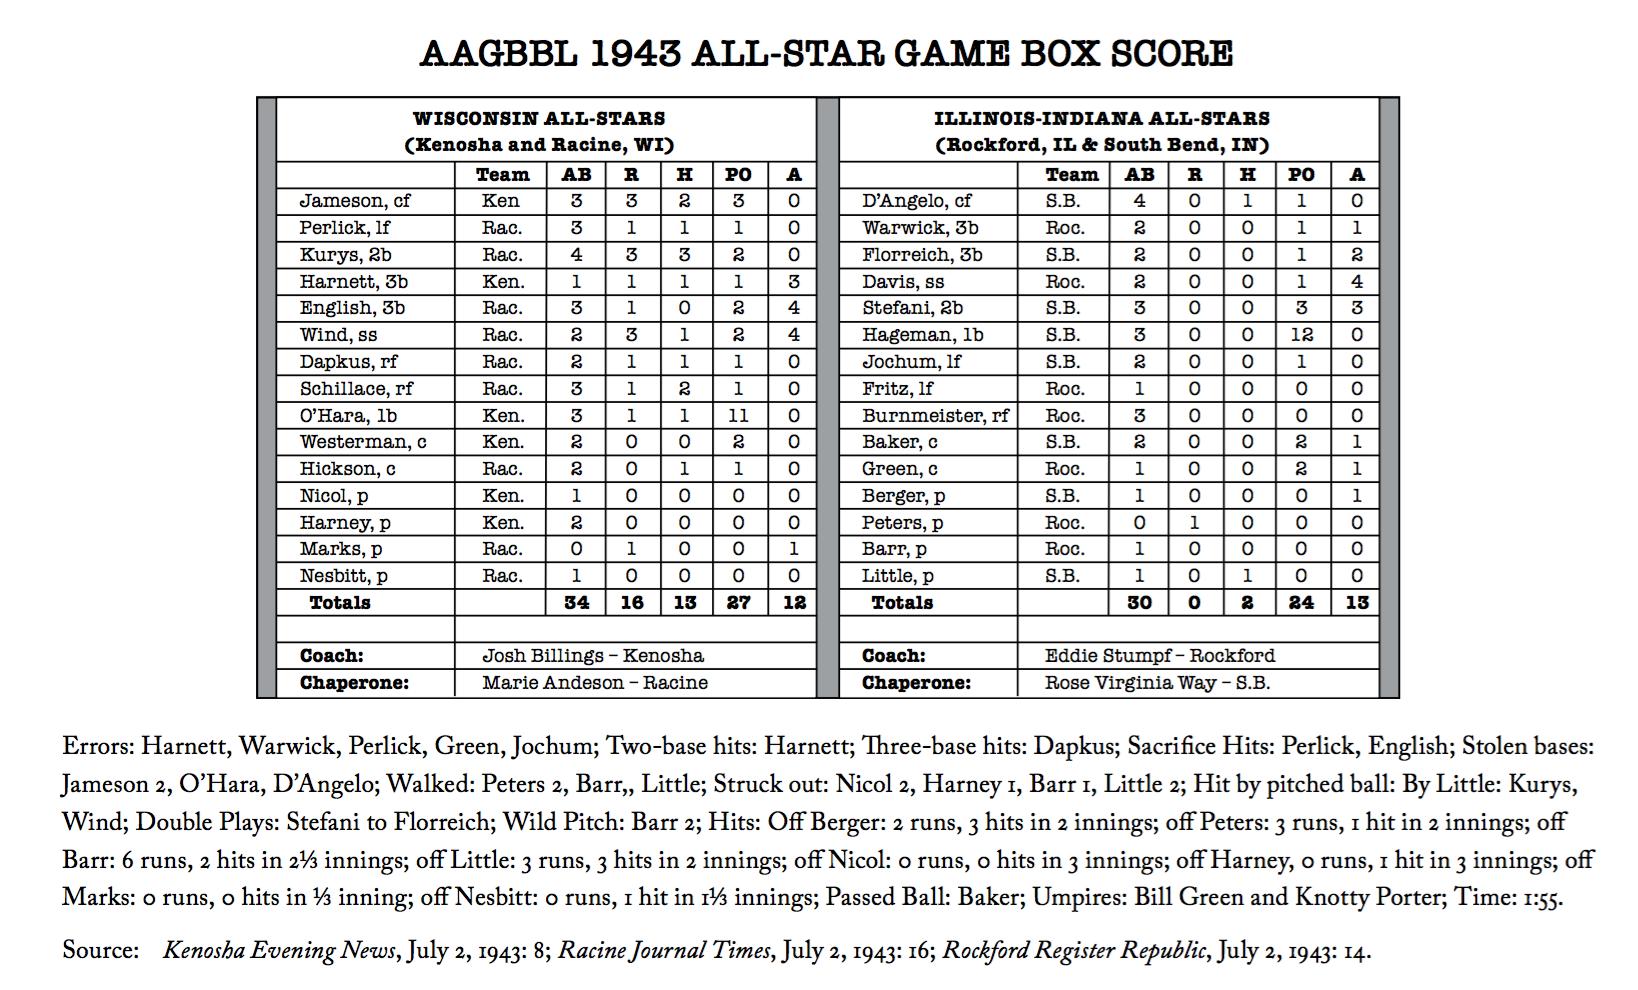 July 1, 1943 box score